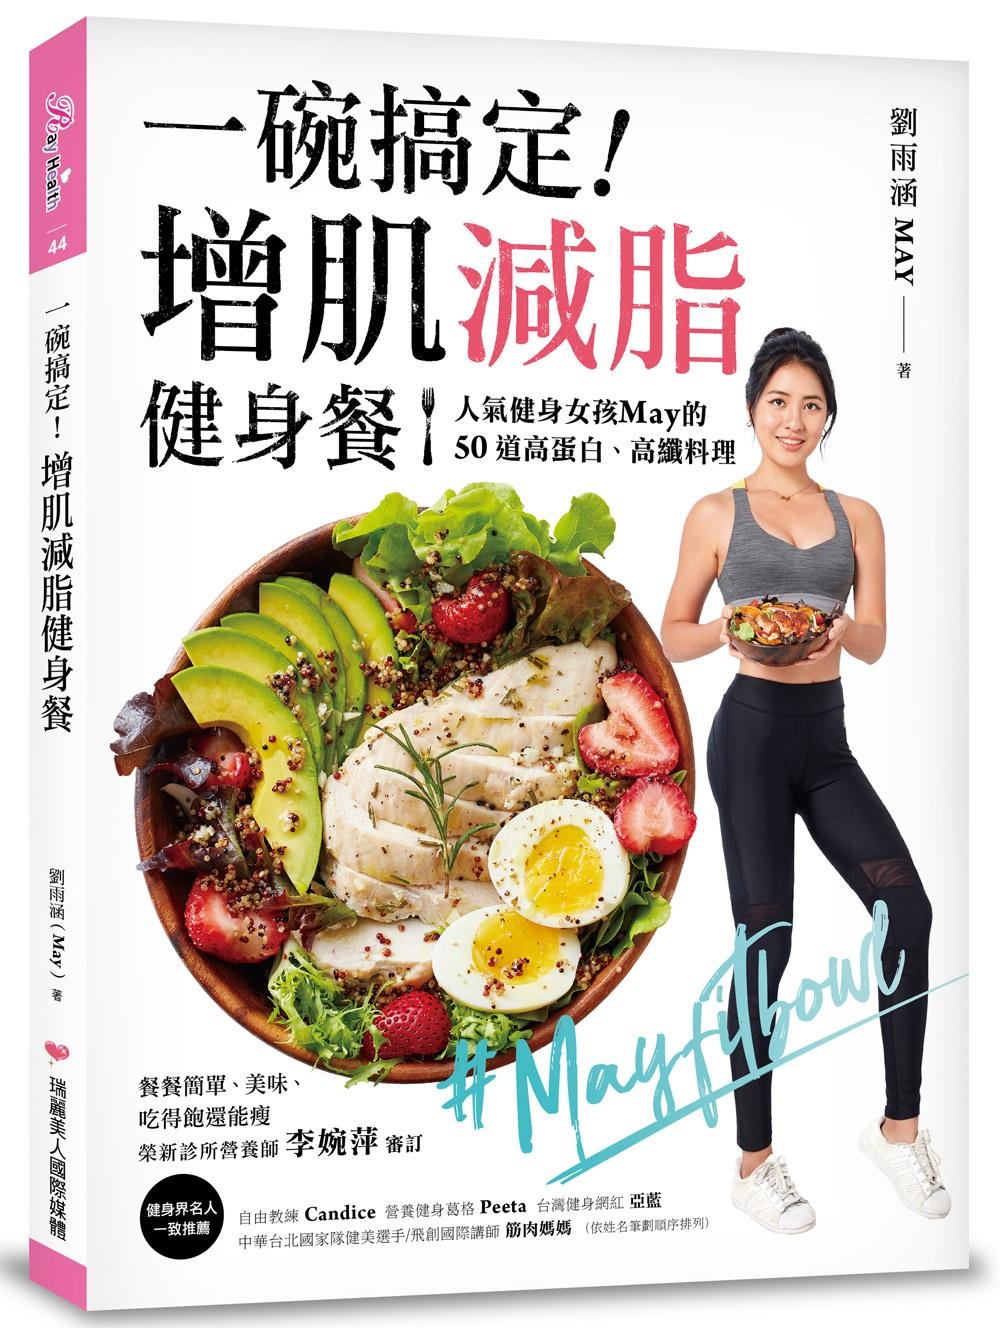 ◤博客來BOOKS◢ 暢銷書榜《推薦》一碗搞定!增肌減脂健身餐:人氣健身女孩May的50道高蛋白、高纖料理,餐餐簡單、美味、吃得飽還能瘦